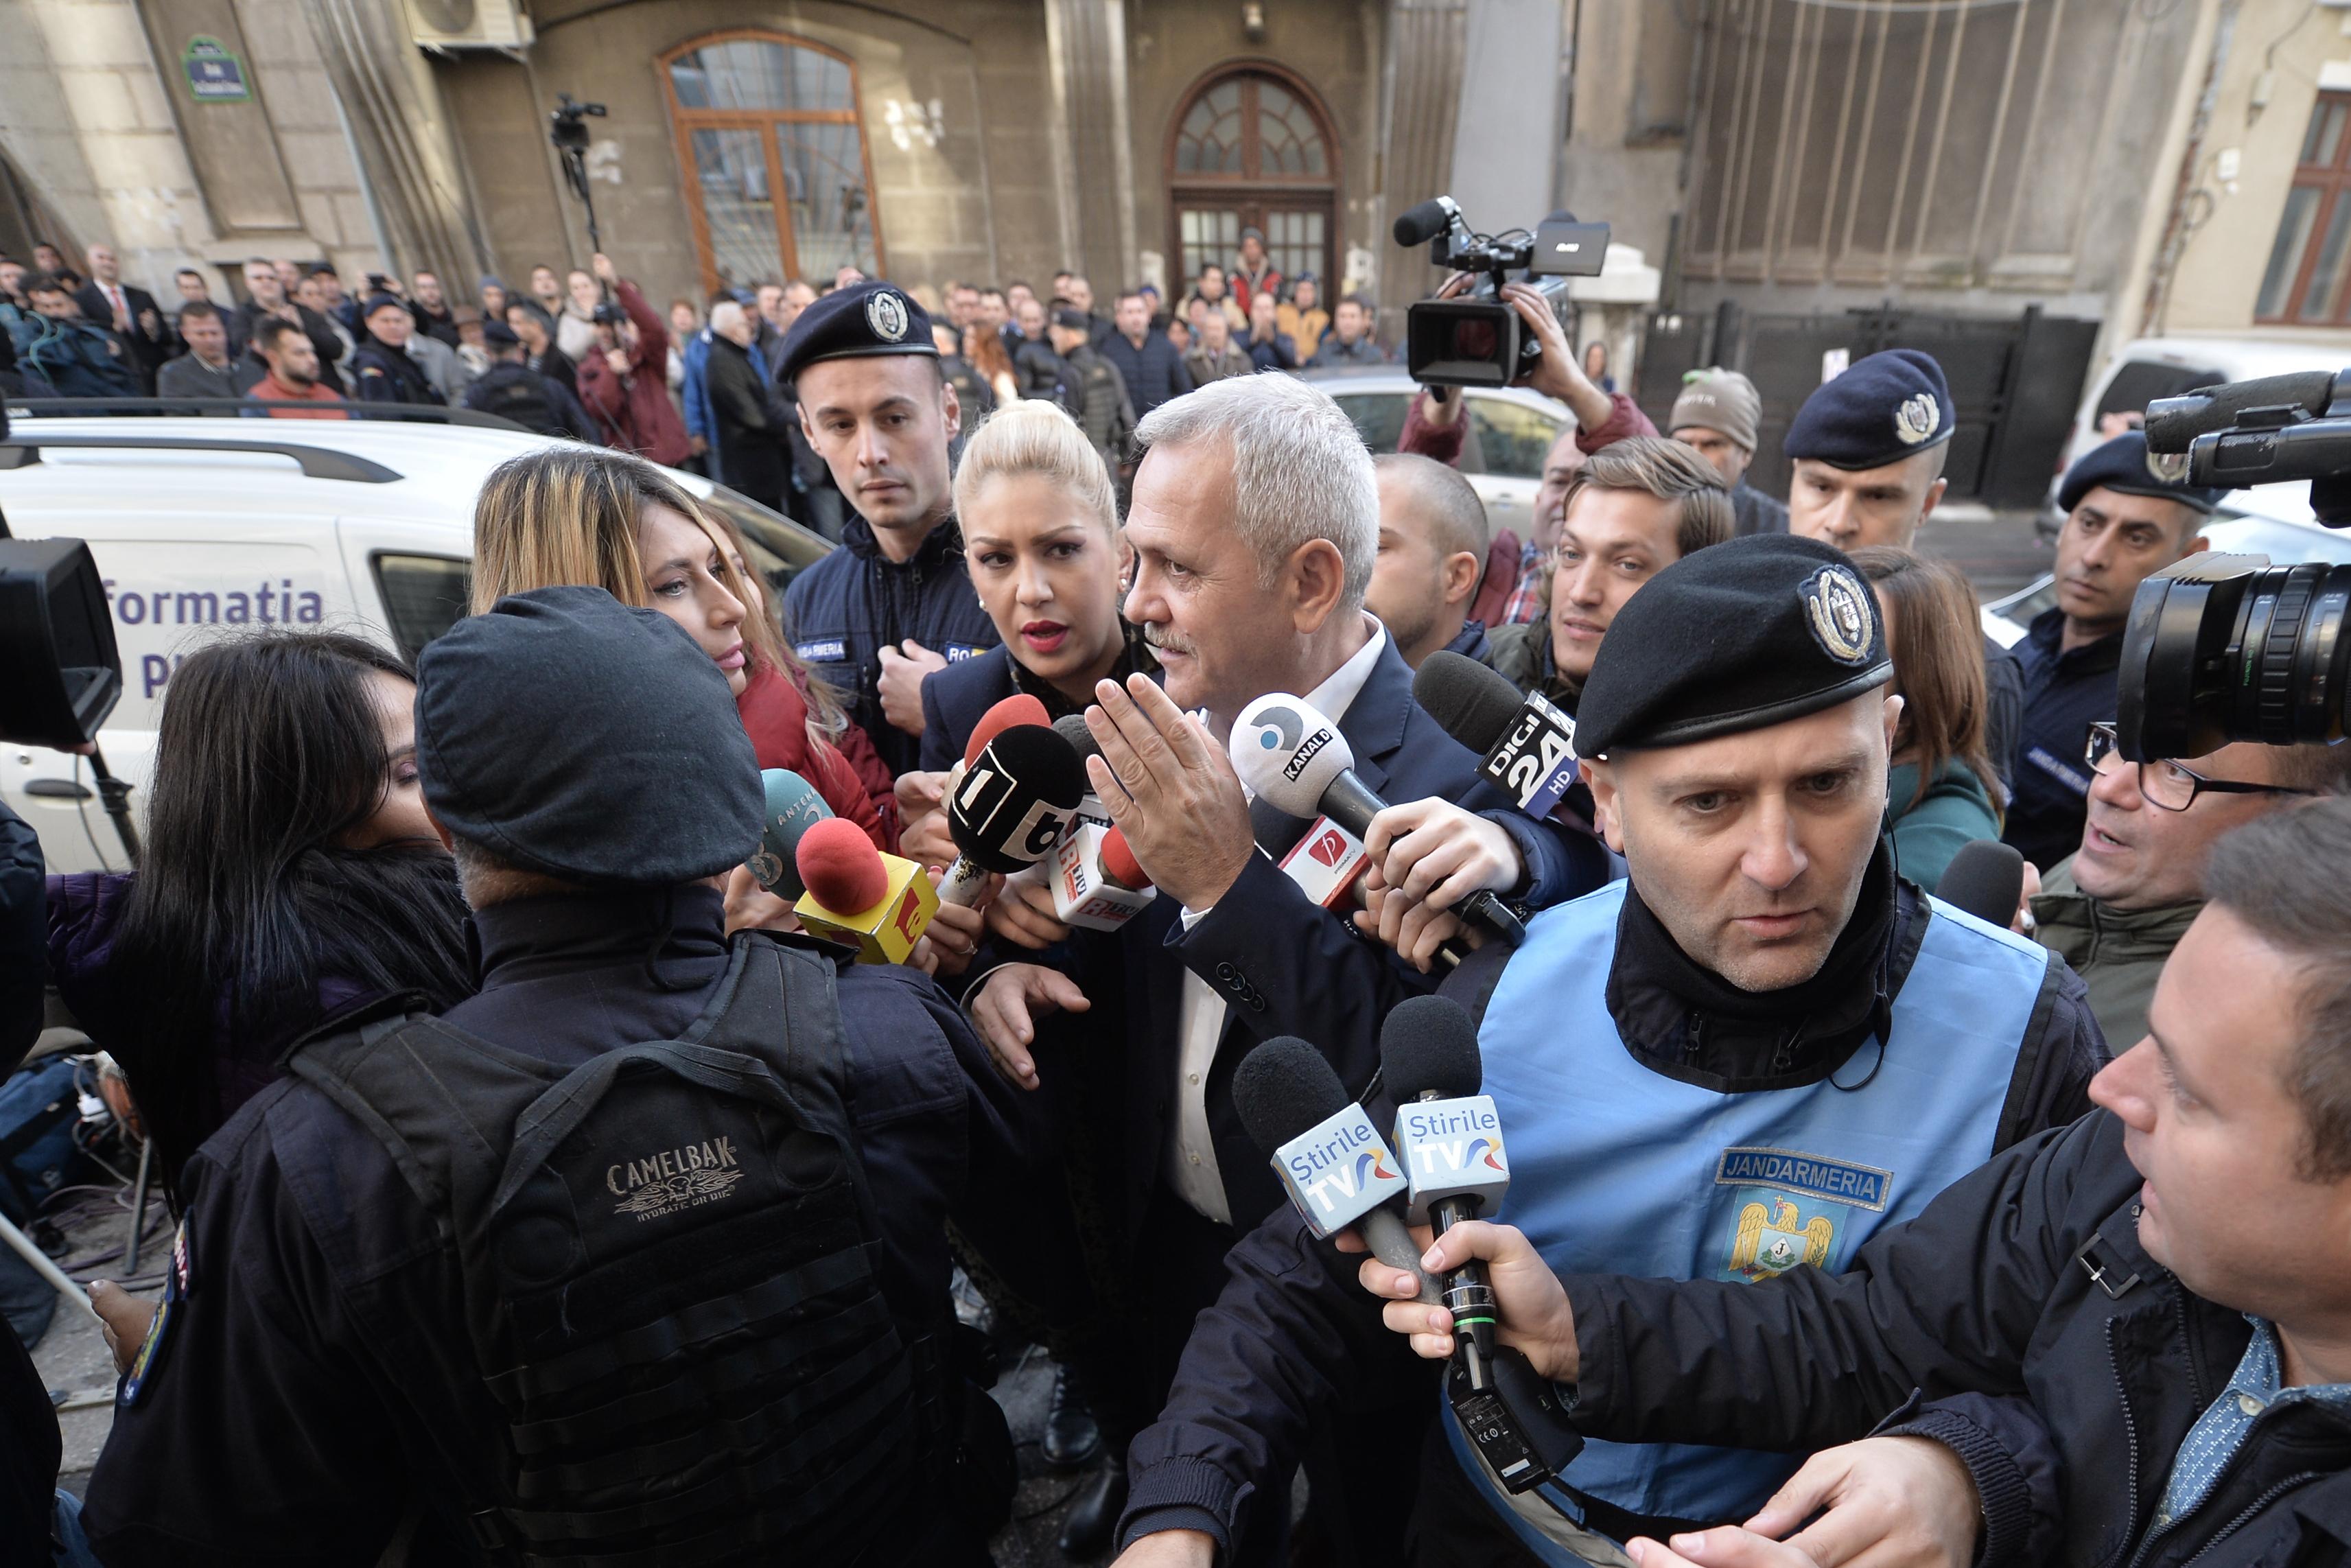 Liderii PSD şi-au explicat gestul de a-l aplauda pe Dragnea la sediul DNA. Bădălău: Am fost să-l susţin pe omul Liviu Dragnea, care trece printr-o perioadă dificilă